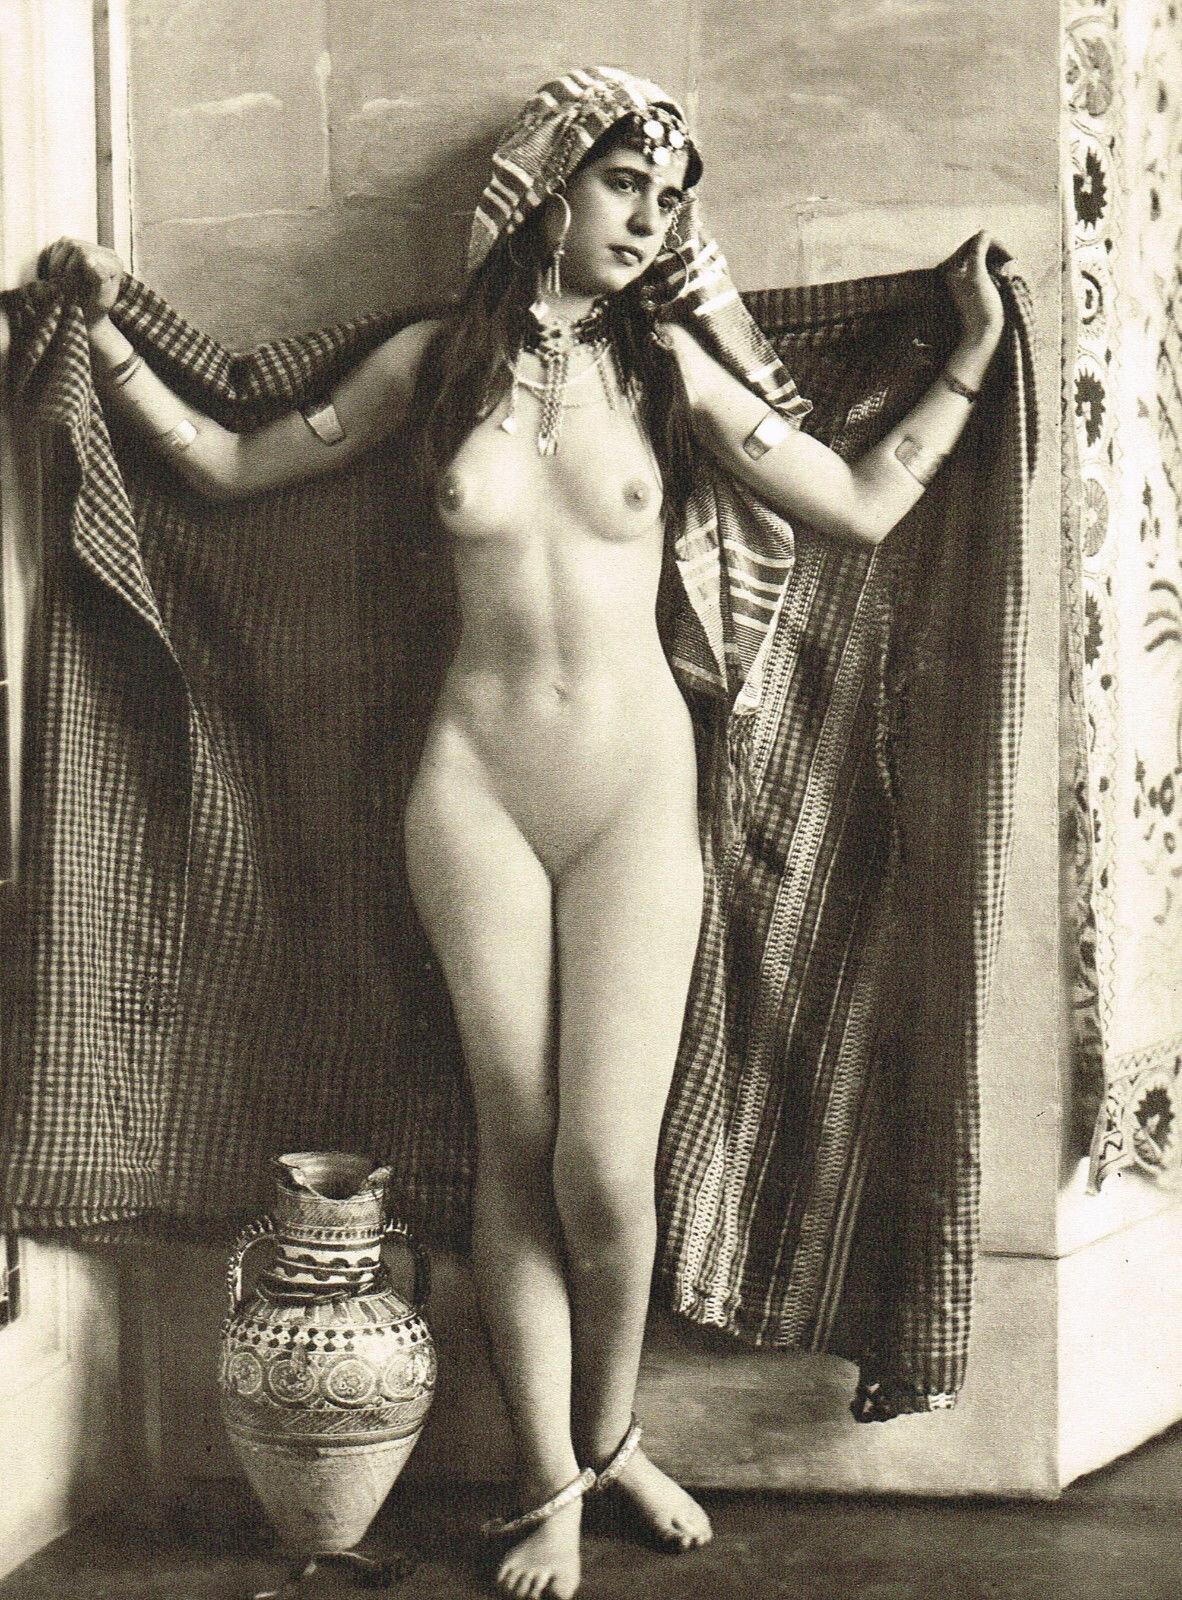 Vintage nude women leg warmers